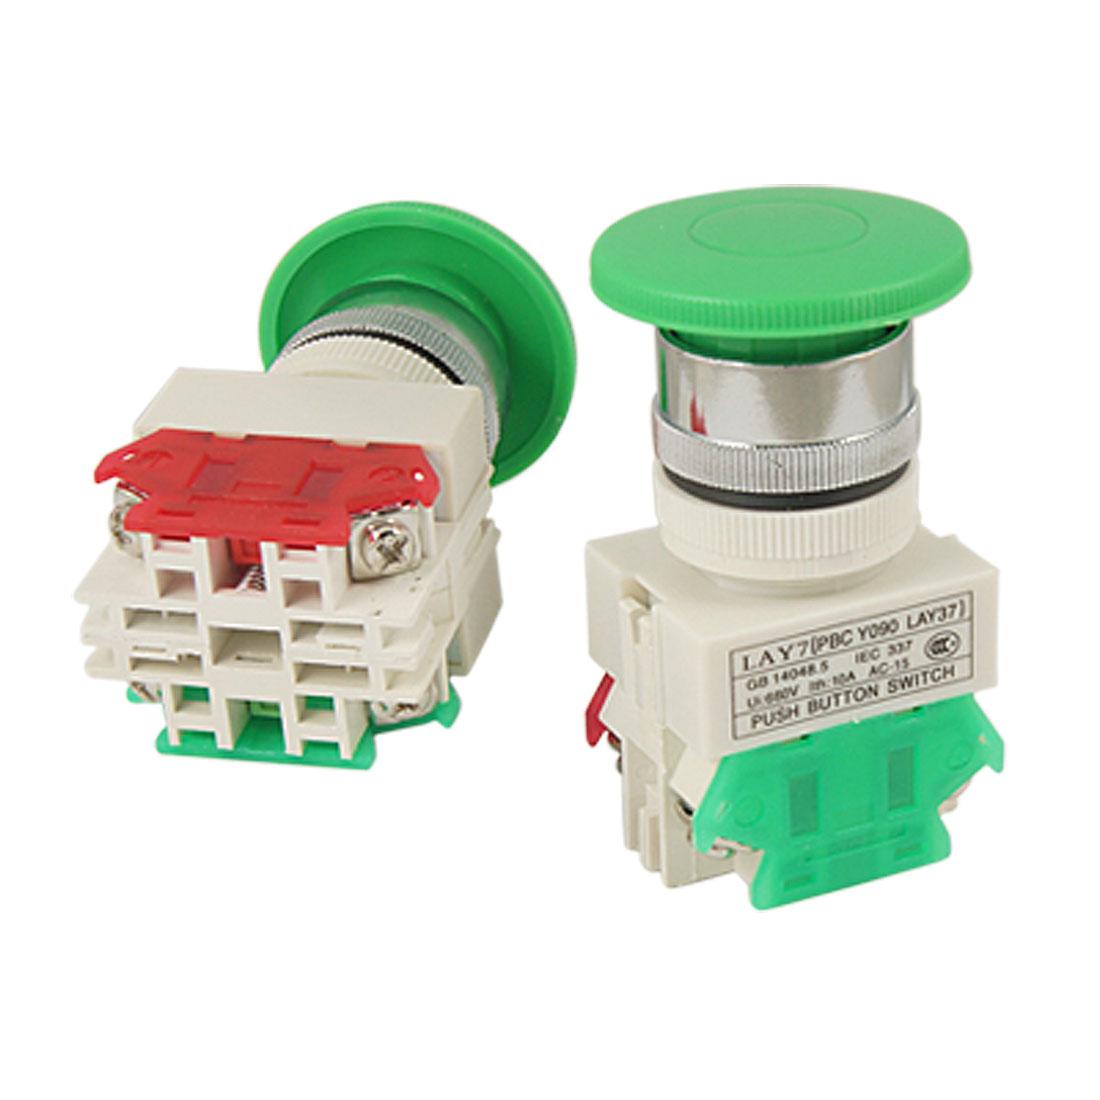 2 Pcs x AC 660V 10A Green Sign Momentary Mushroom Push Button Switch 1 N/O 1 N/C